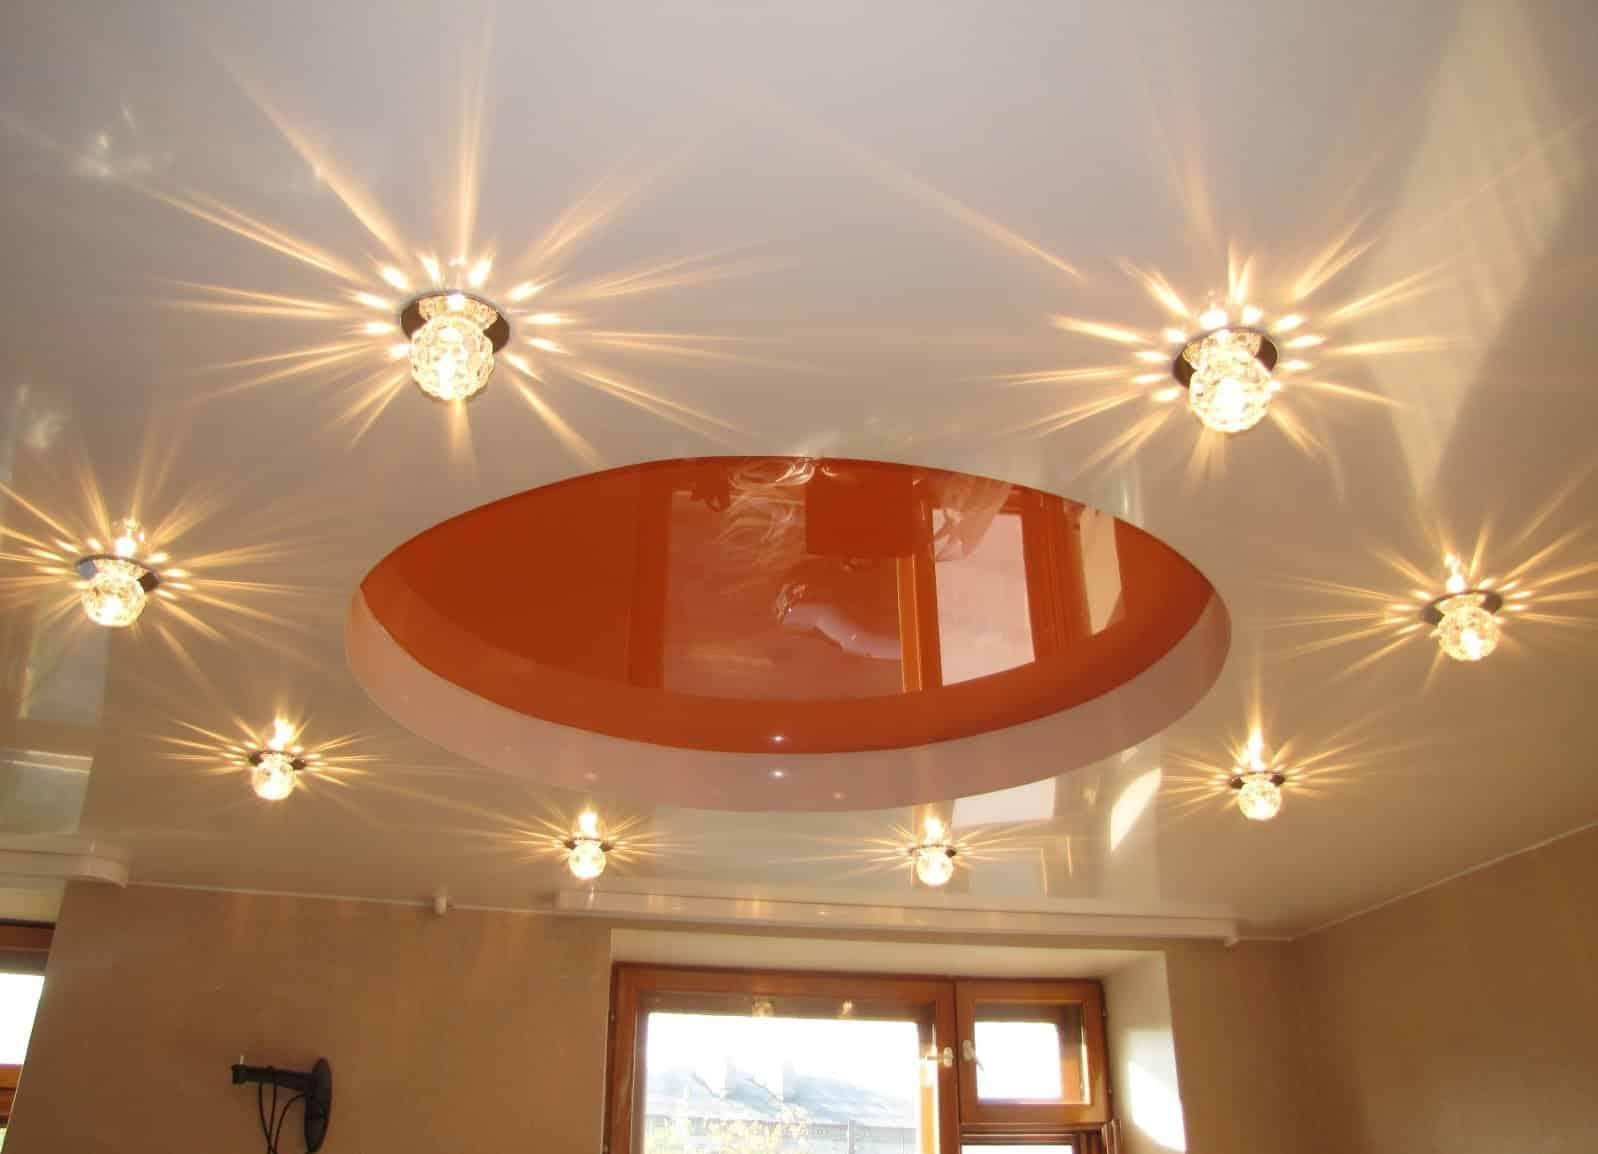 Использование декоративных элементов и освещения